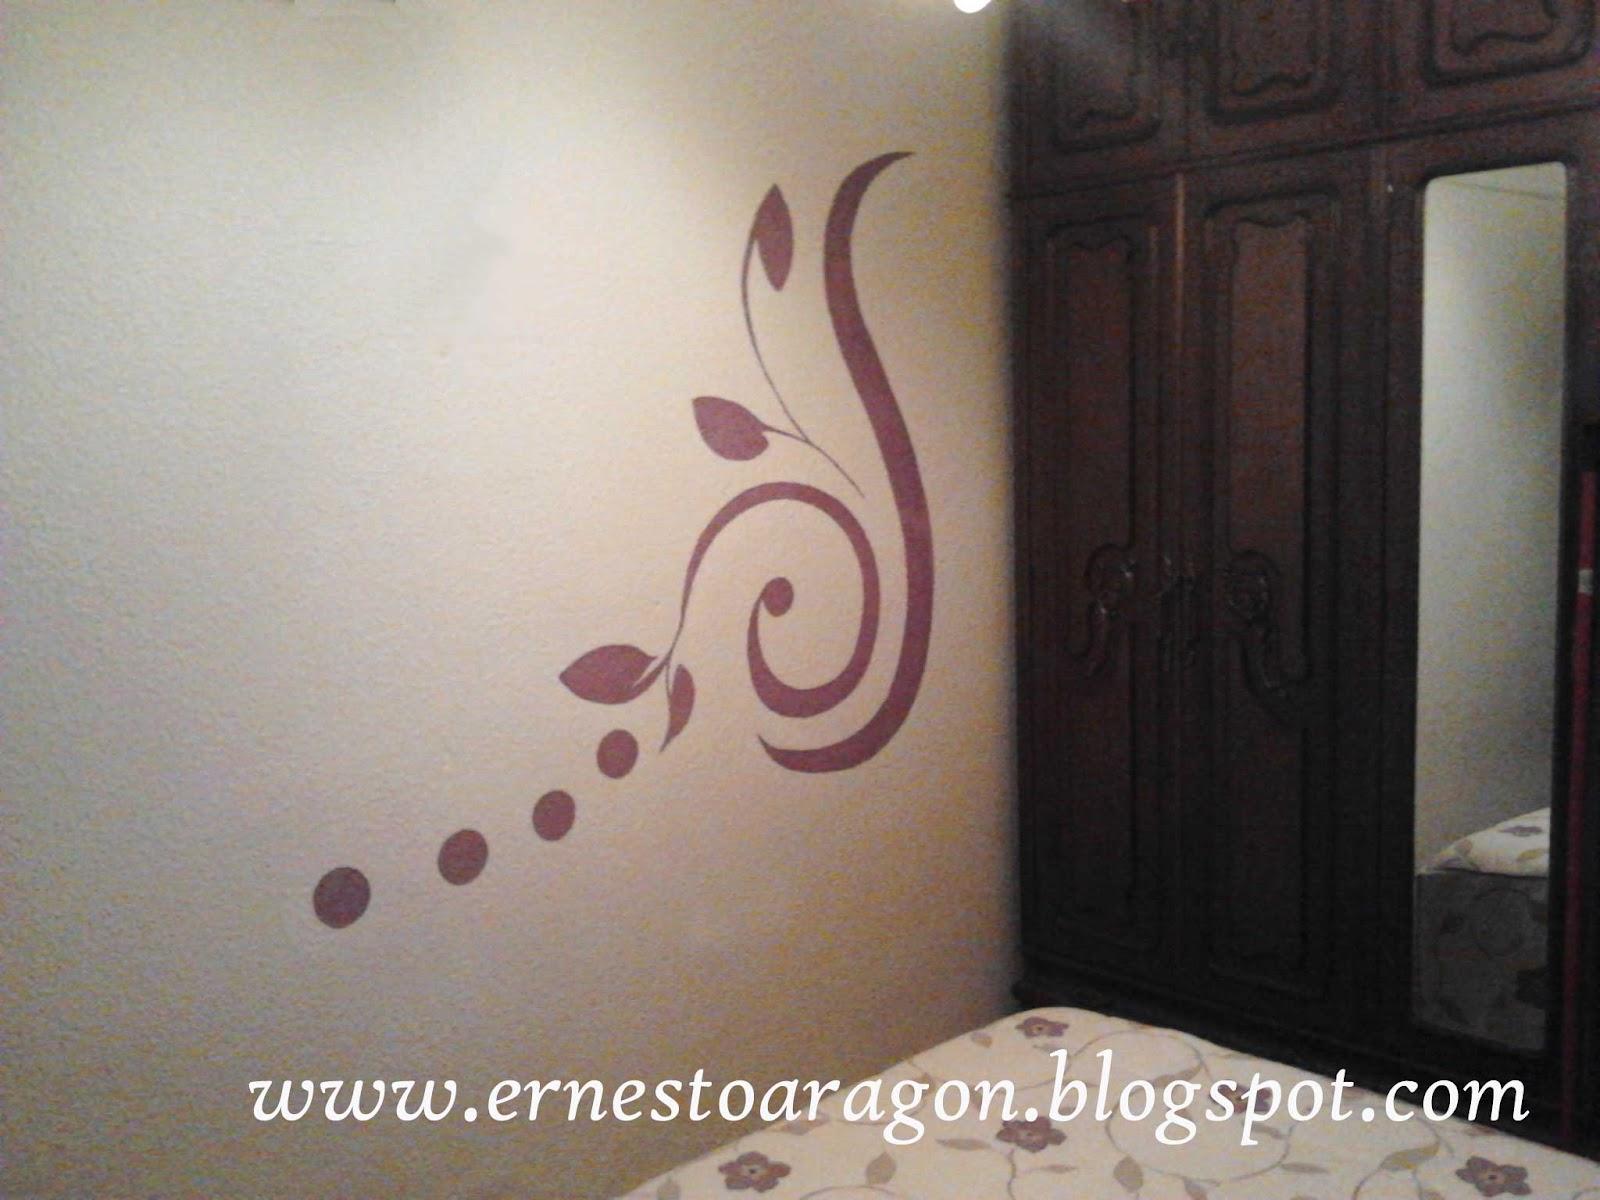 Ernesto arag n pintura para el hogar un vinilo a mano for Dibujos para decorar paredes